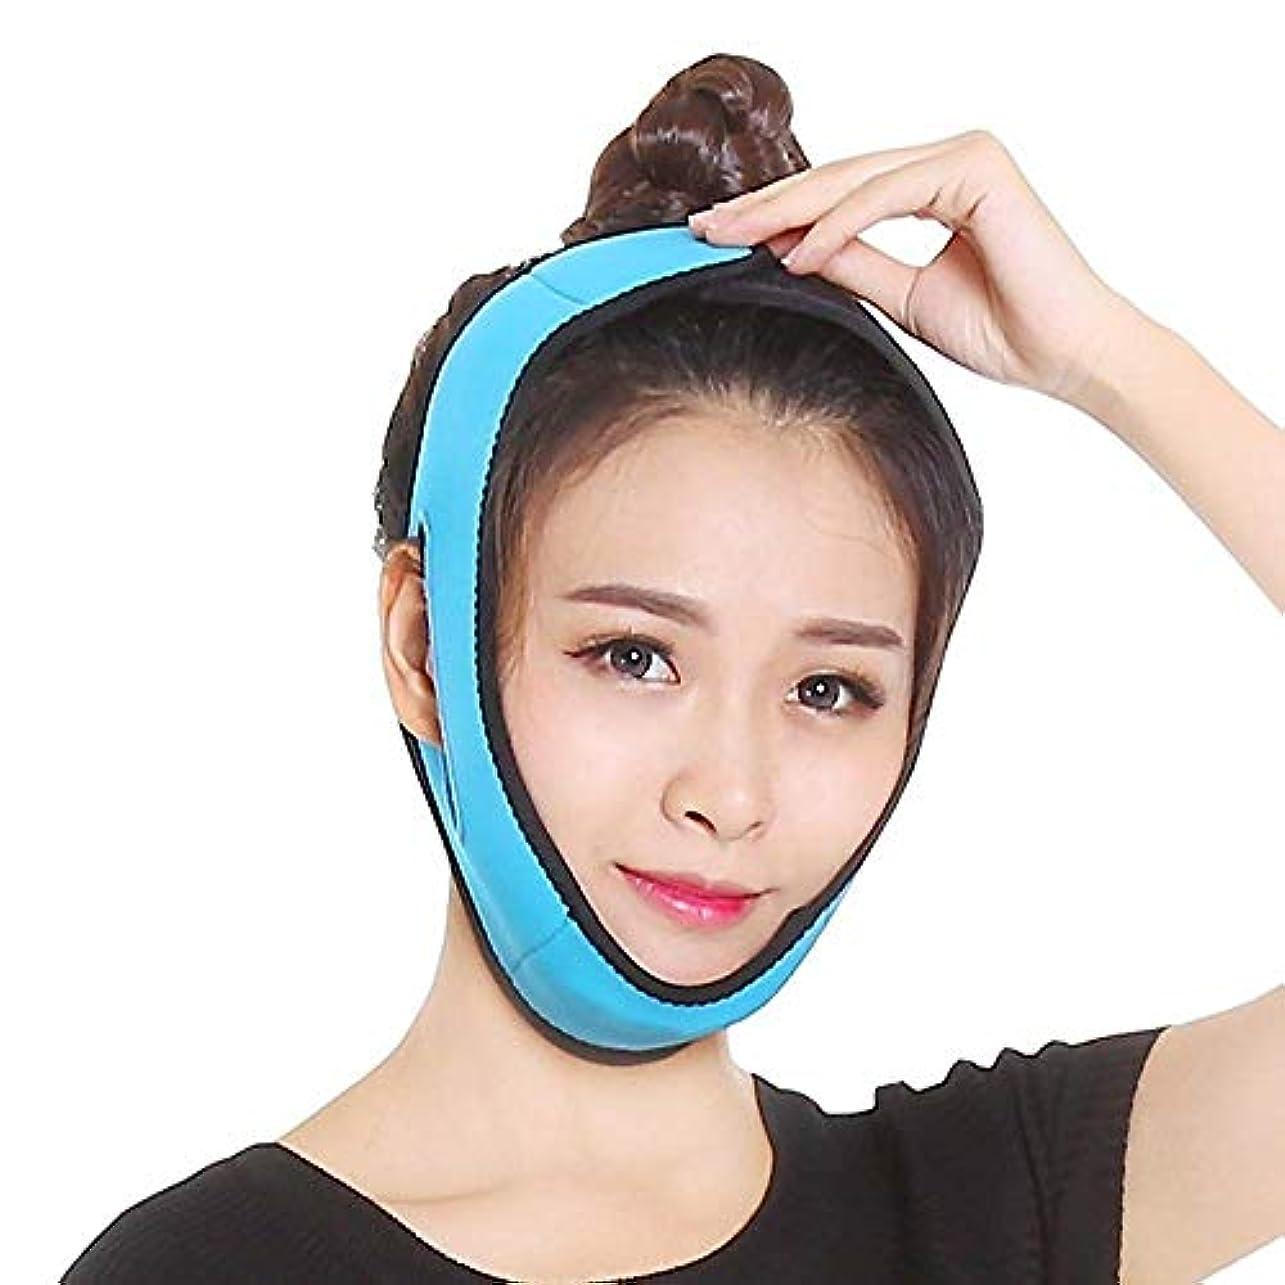 はぁ印象ぐるぐるThin Face Belt - 薄型フェイスツール薄型フェイスベルト通気性ラテックスマッサージVタイプフェイスアーティファクトフェイス薄型マスクフェイスリフティングベルト